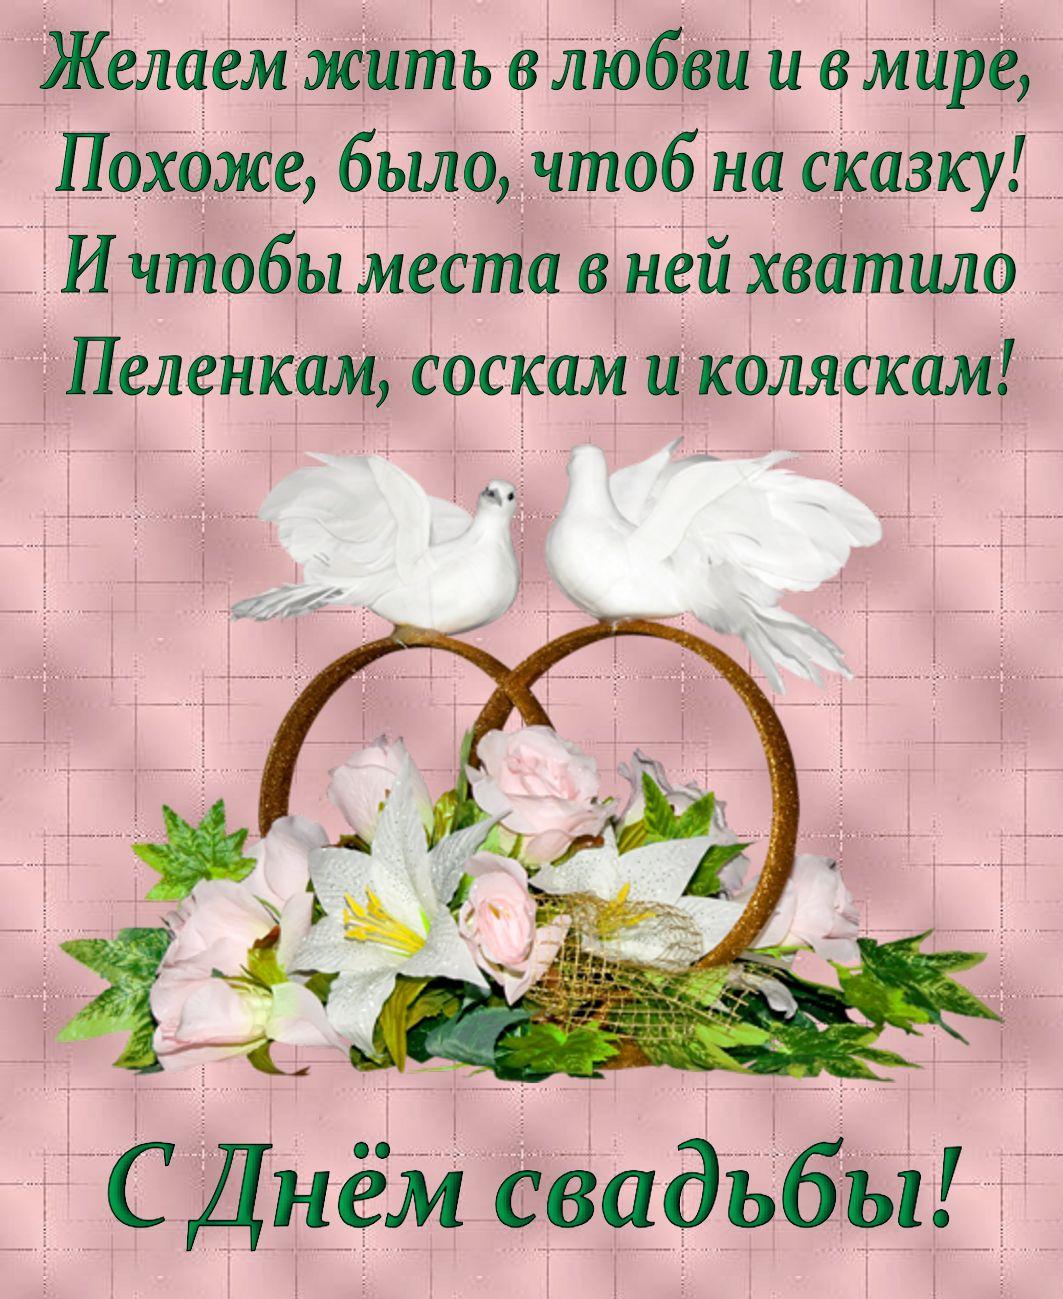 Открытки поздравления с днем свадьбы в красивых словах, днем рождения